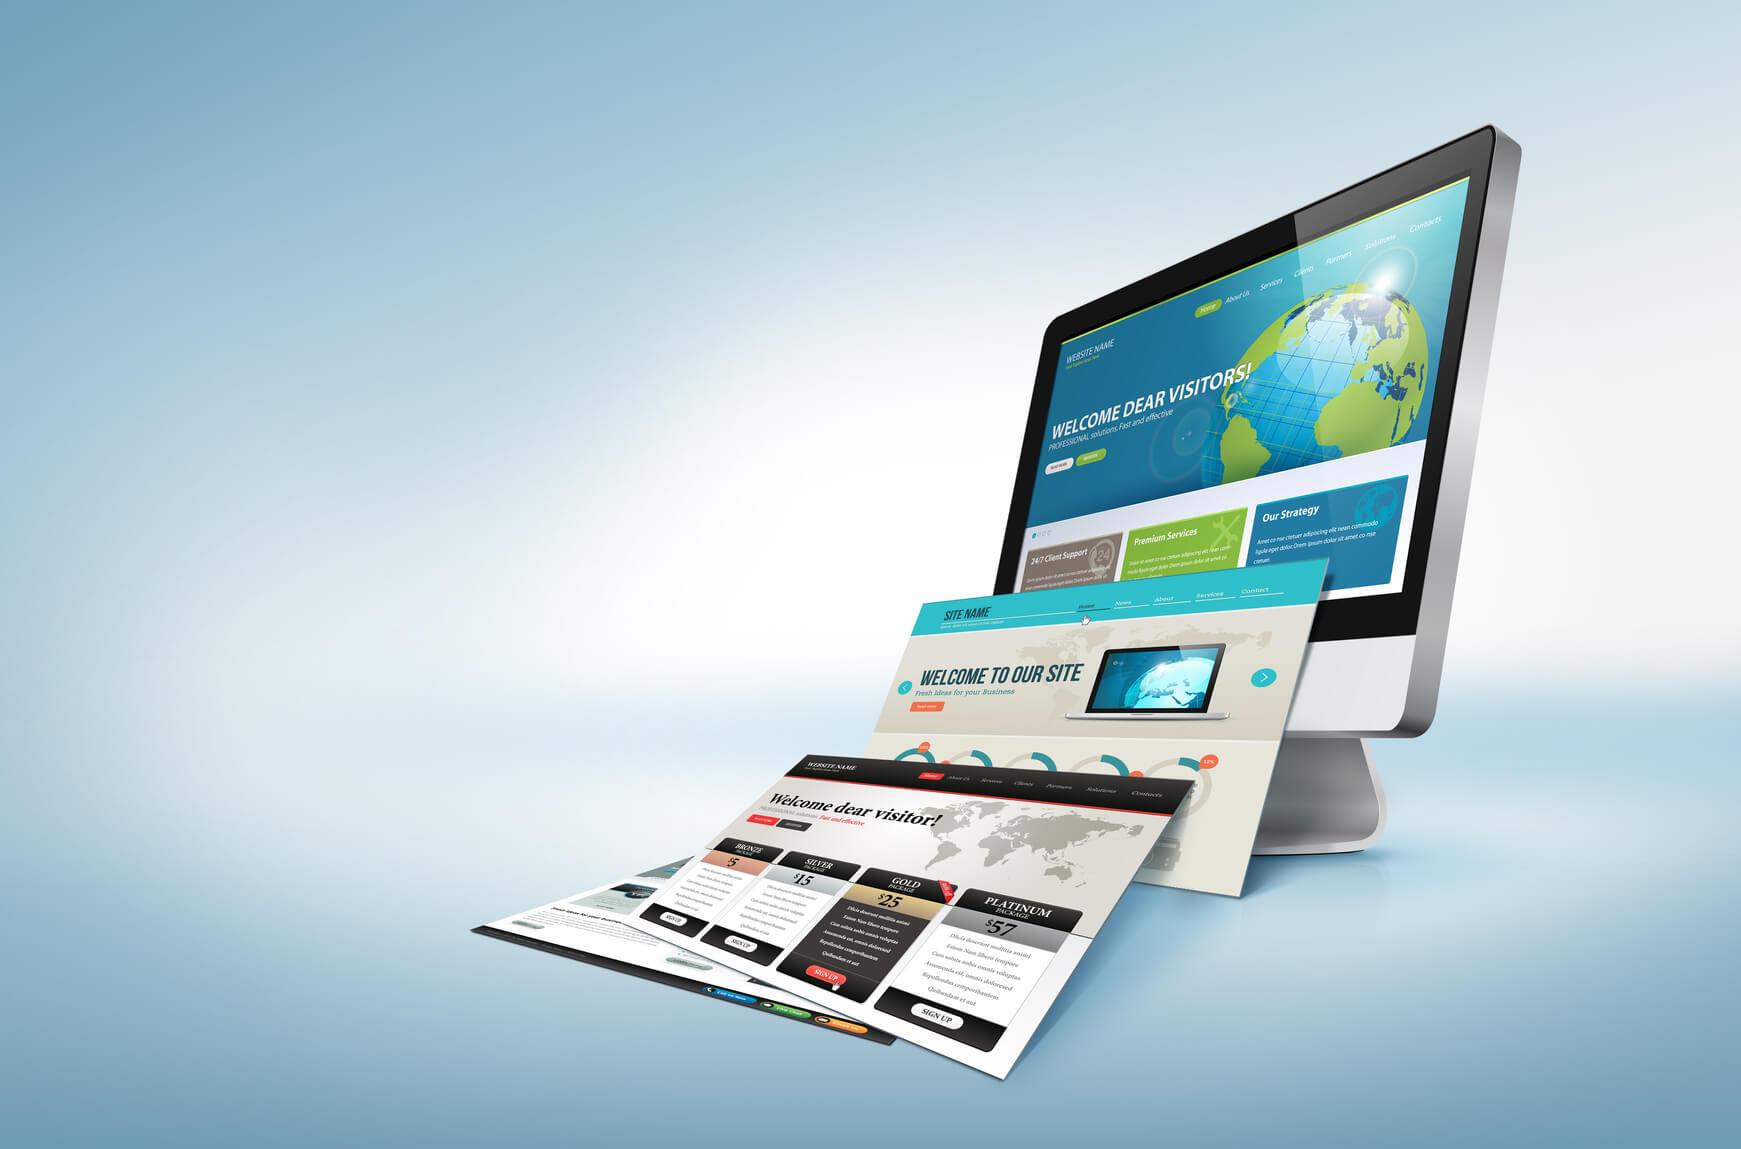 как сделать рекламу с фото на компьютере утонченная фигура